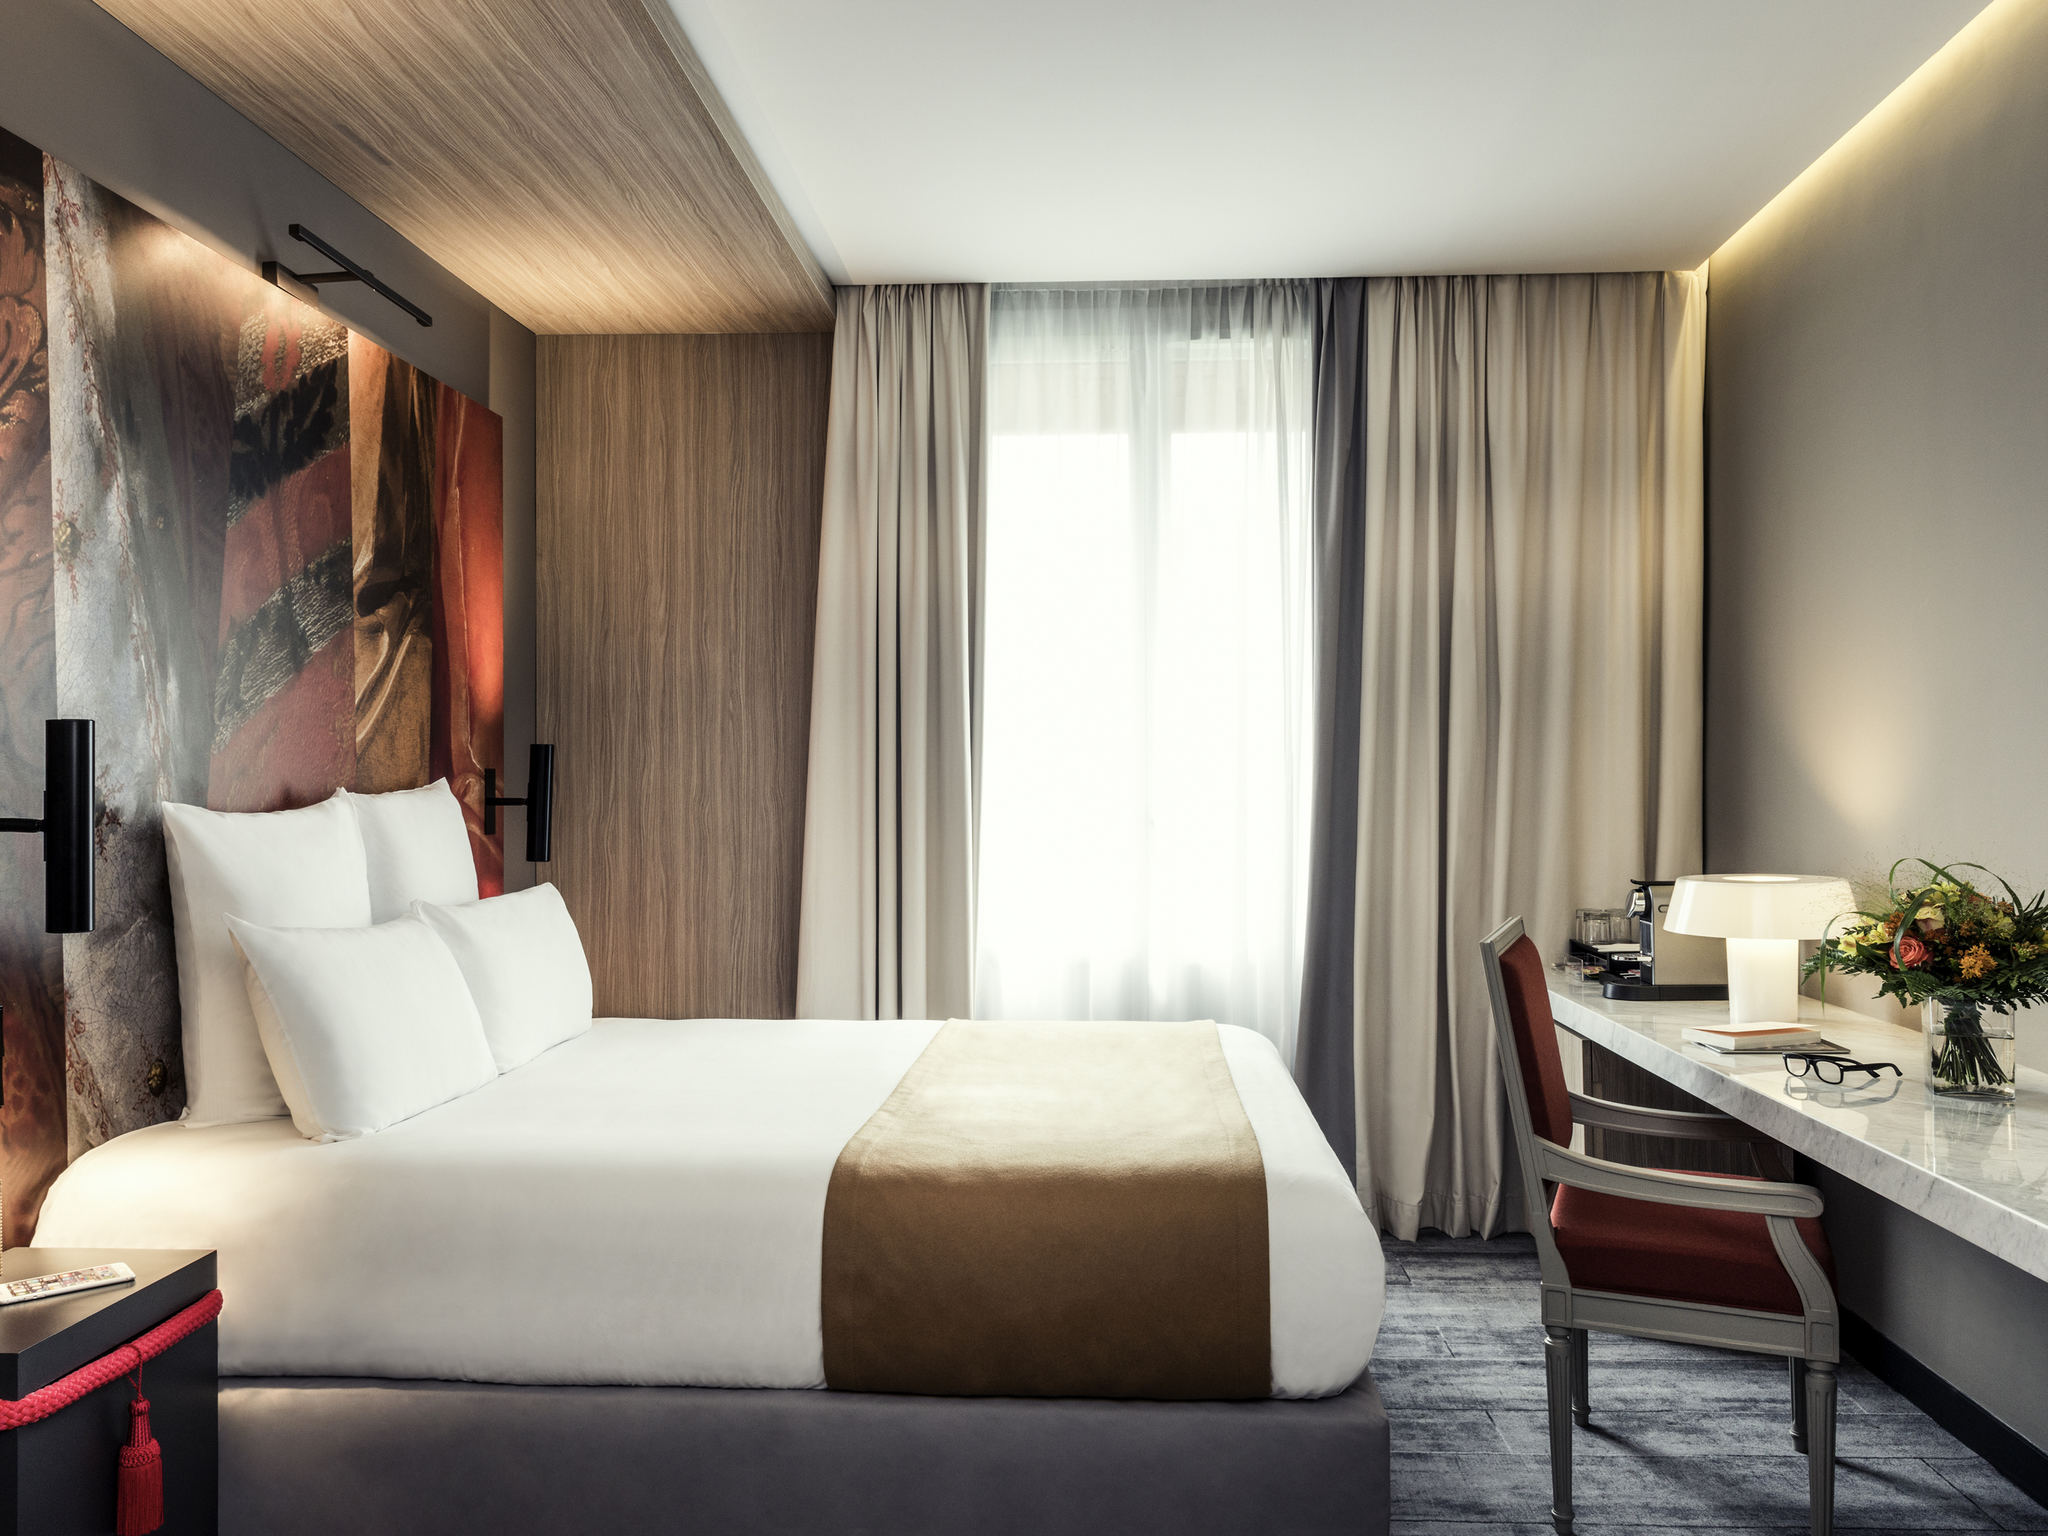 فندق - فندق مركيور Mercure باريس أليزيا